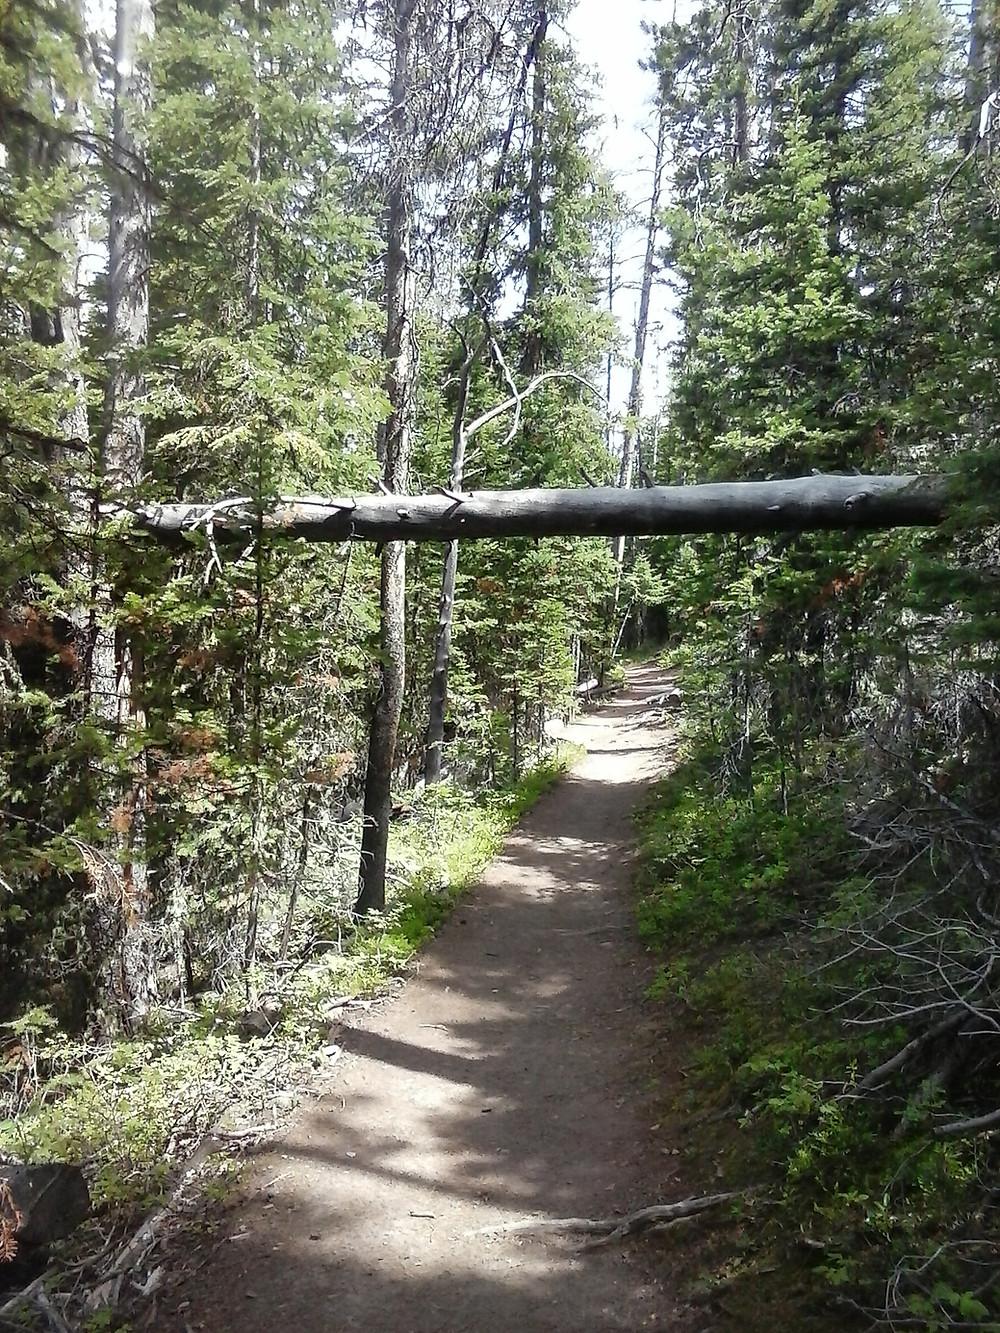 Blackmore trail, fallen tree splits an entire tree below in half outside Bozeman, Montana